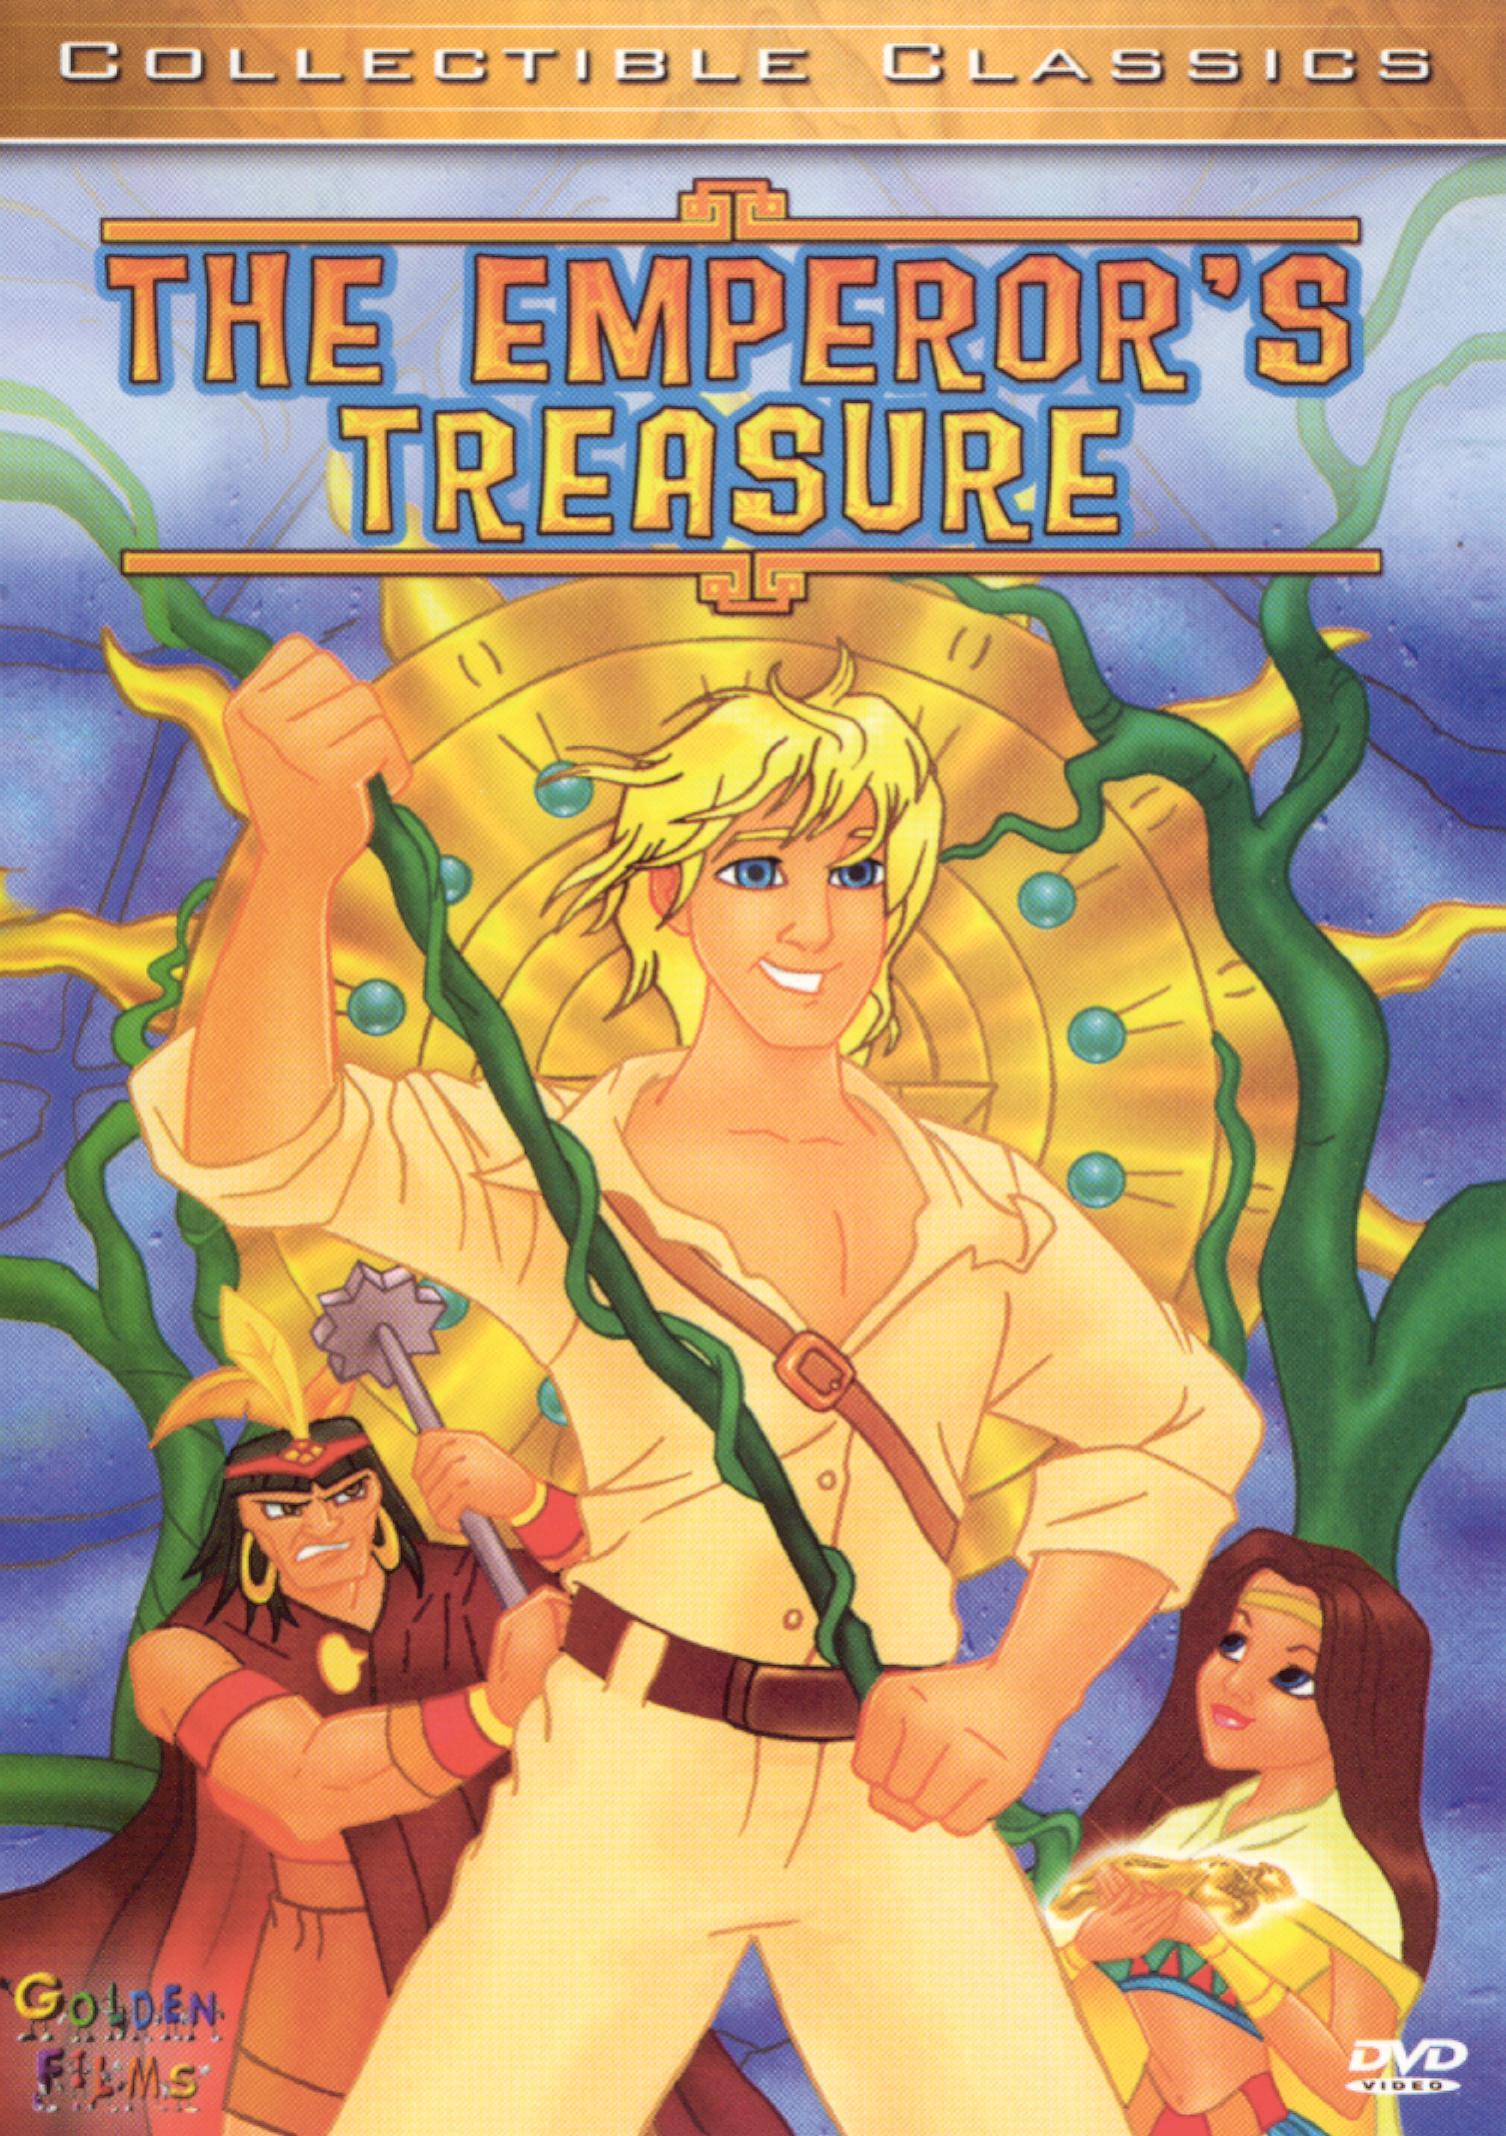 The Emperor's Secret Treasure